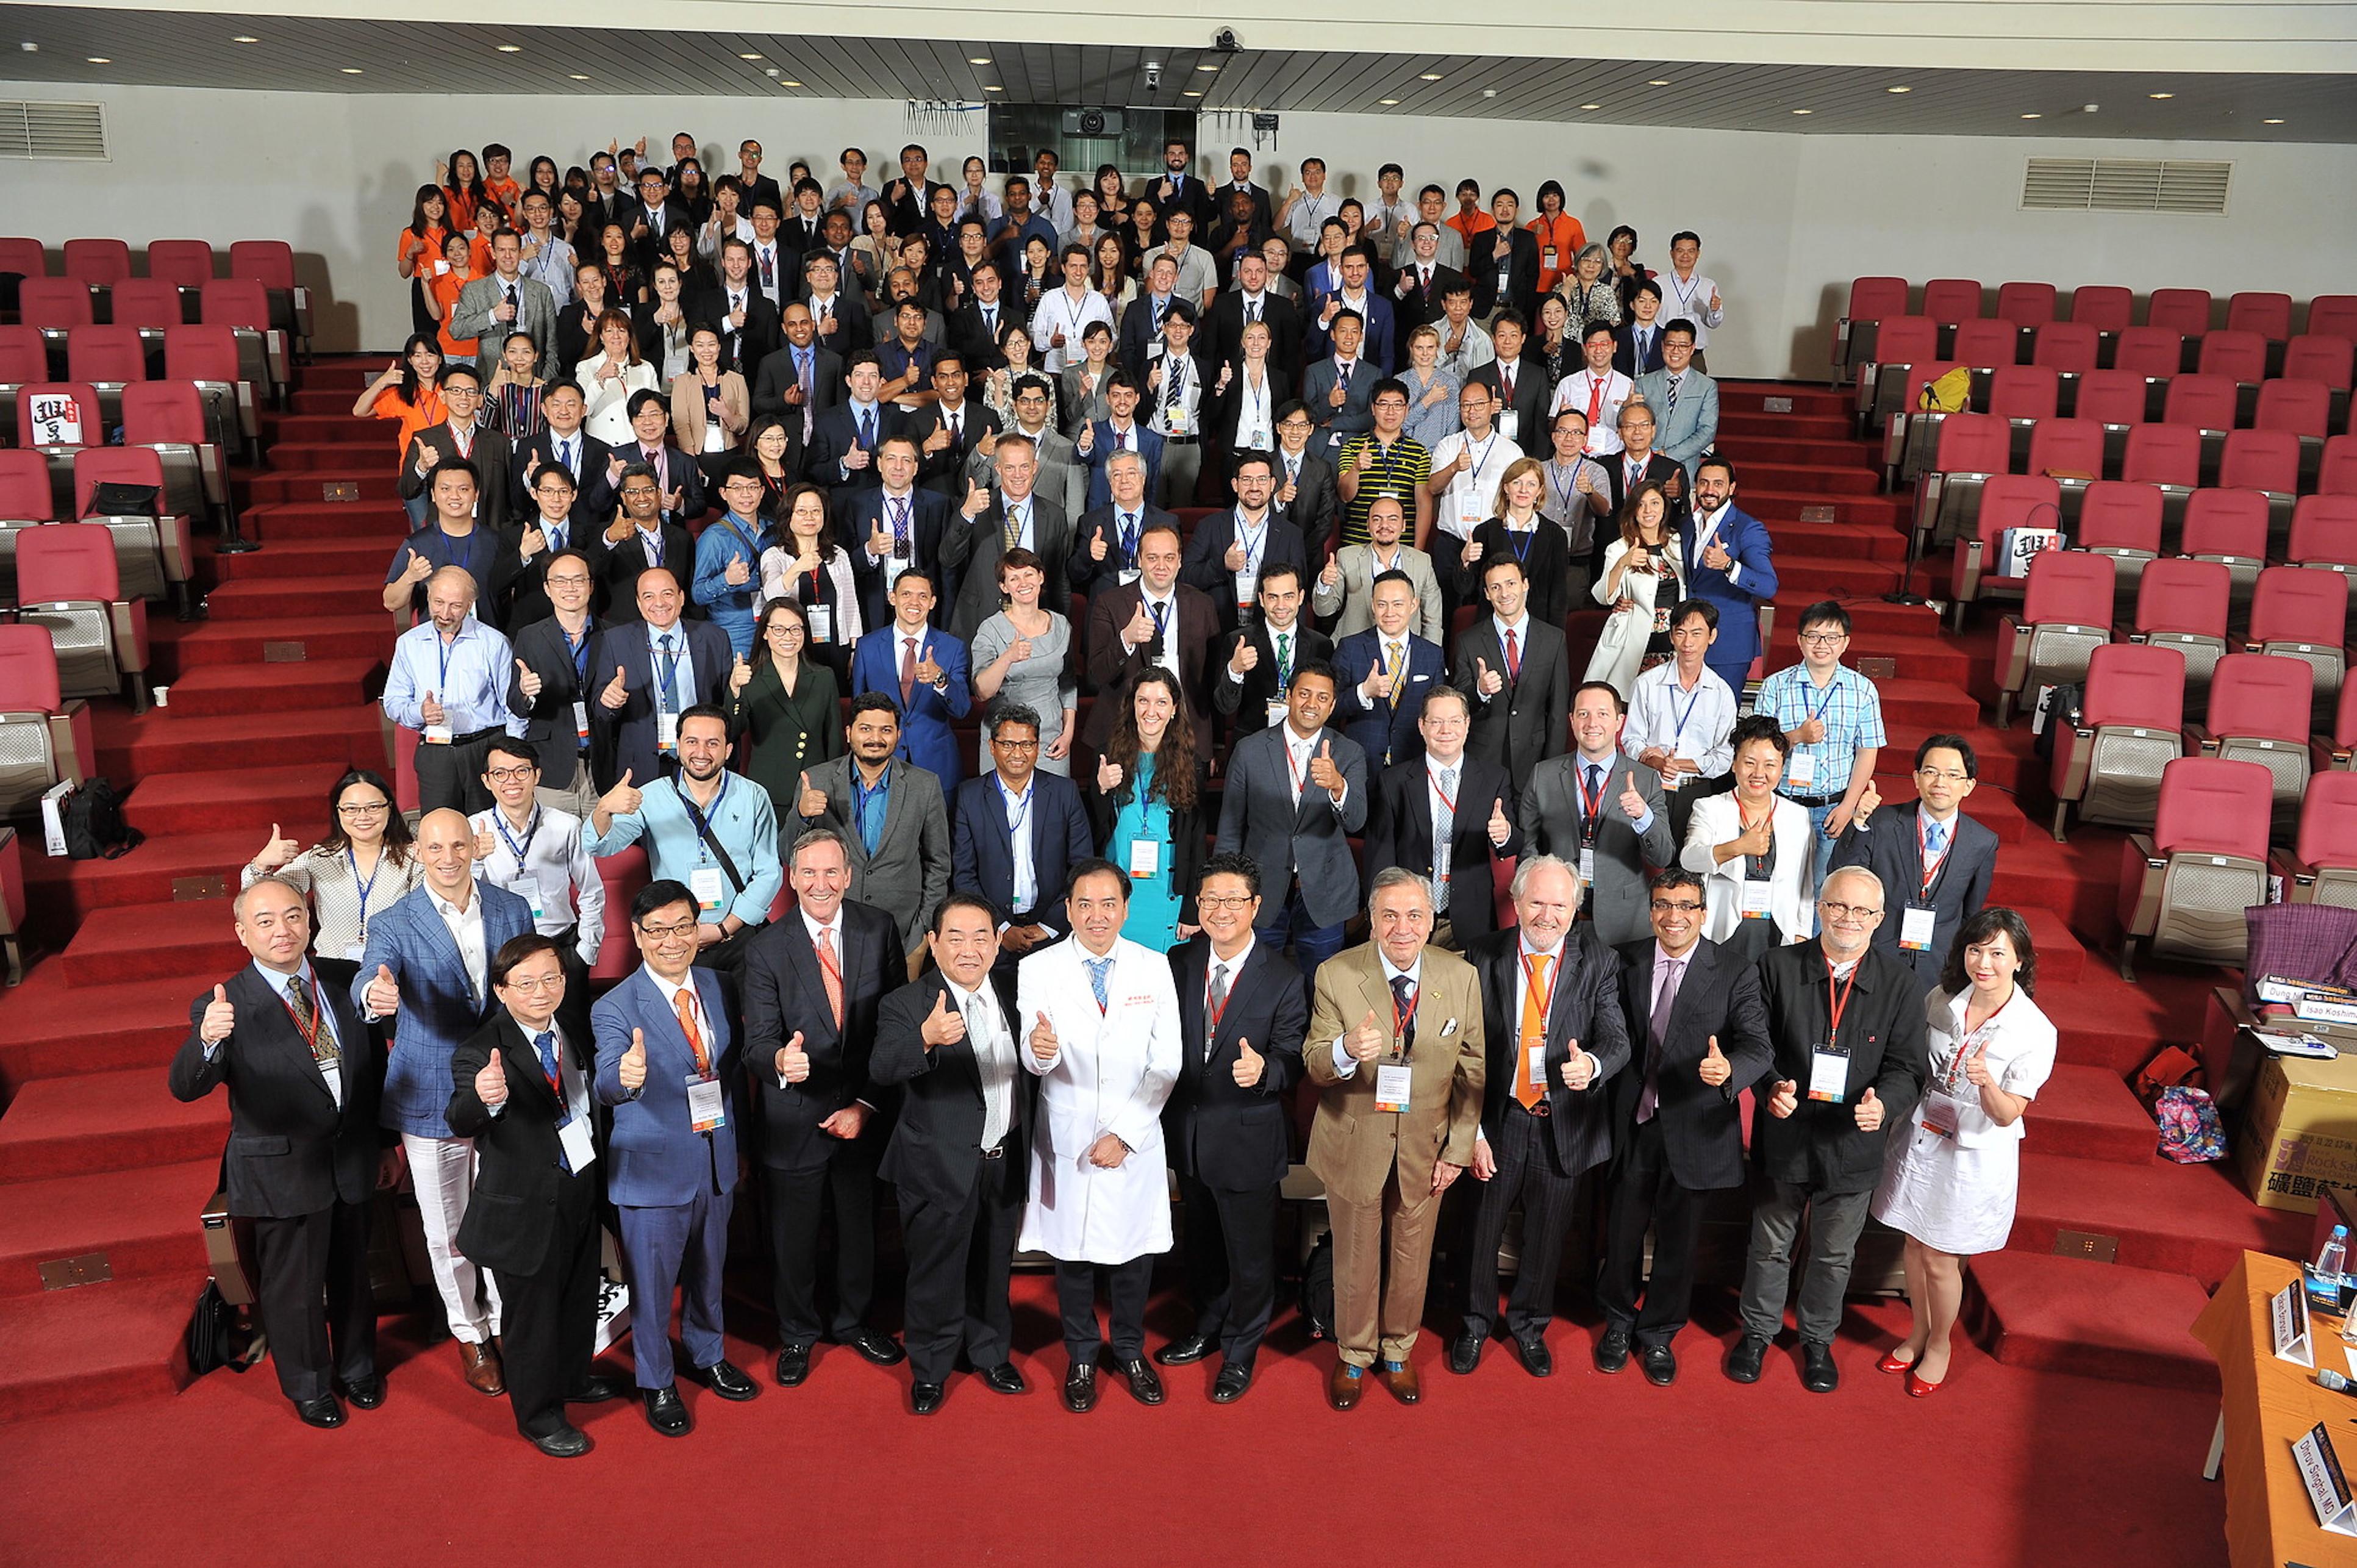 顯微手術營: 邀請世界級大師一同指導各國整形外科醫師如何實際操作顯微手術及超顯微手術 2019年4月25-27日第三次主辦世界淋巴水腫醫學會